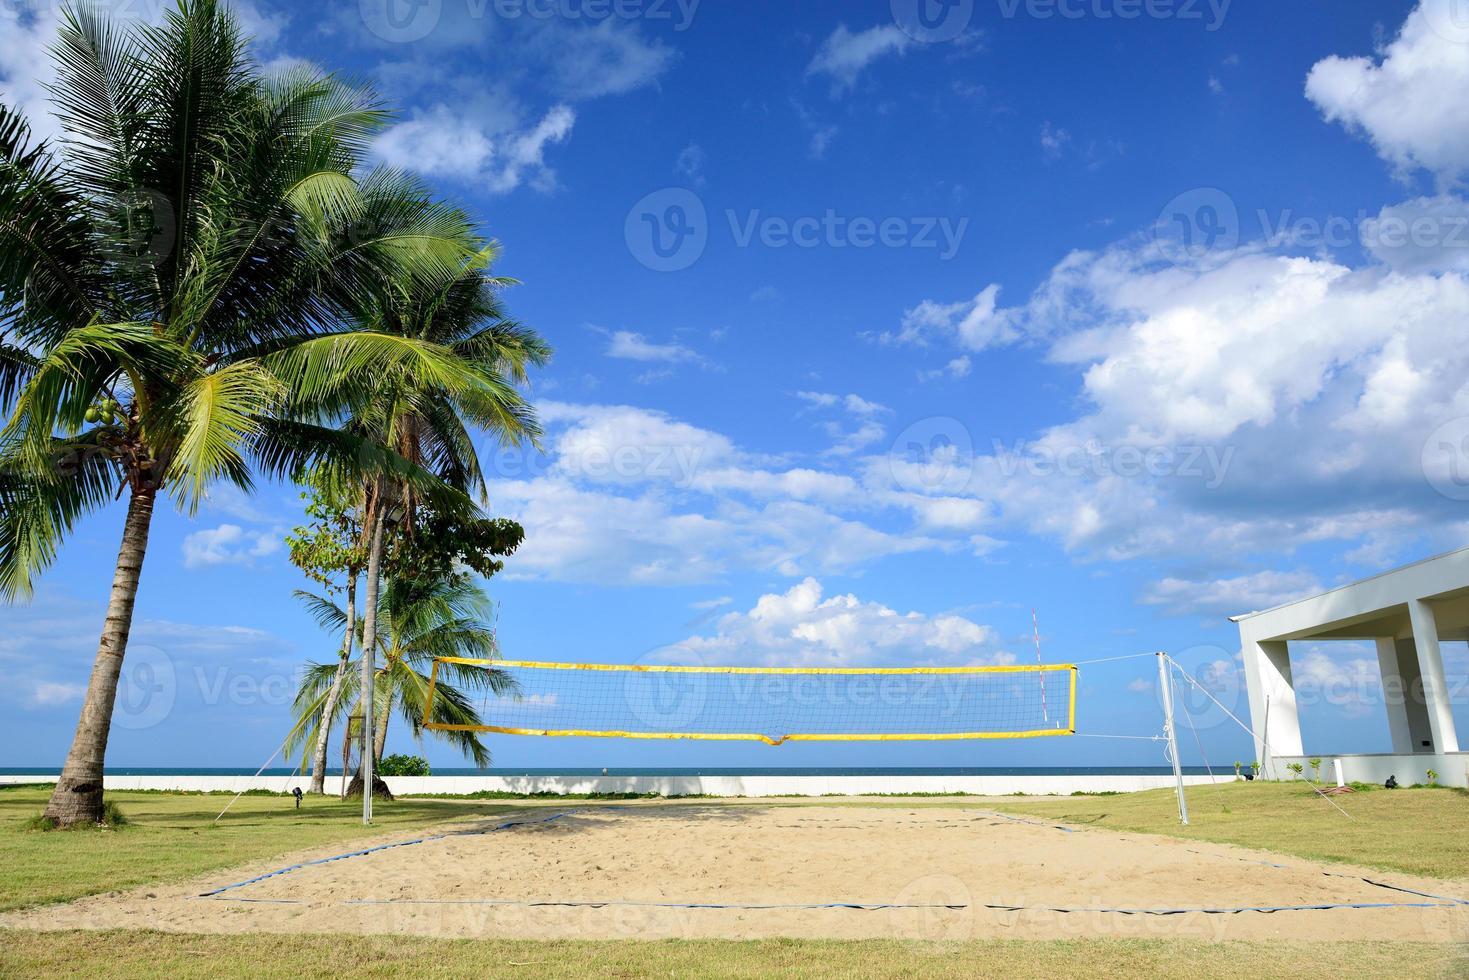 il campo da beach volley. foto